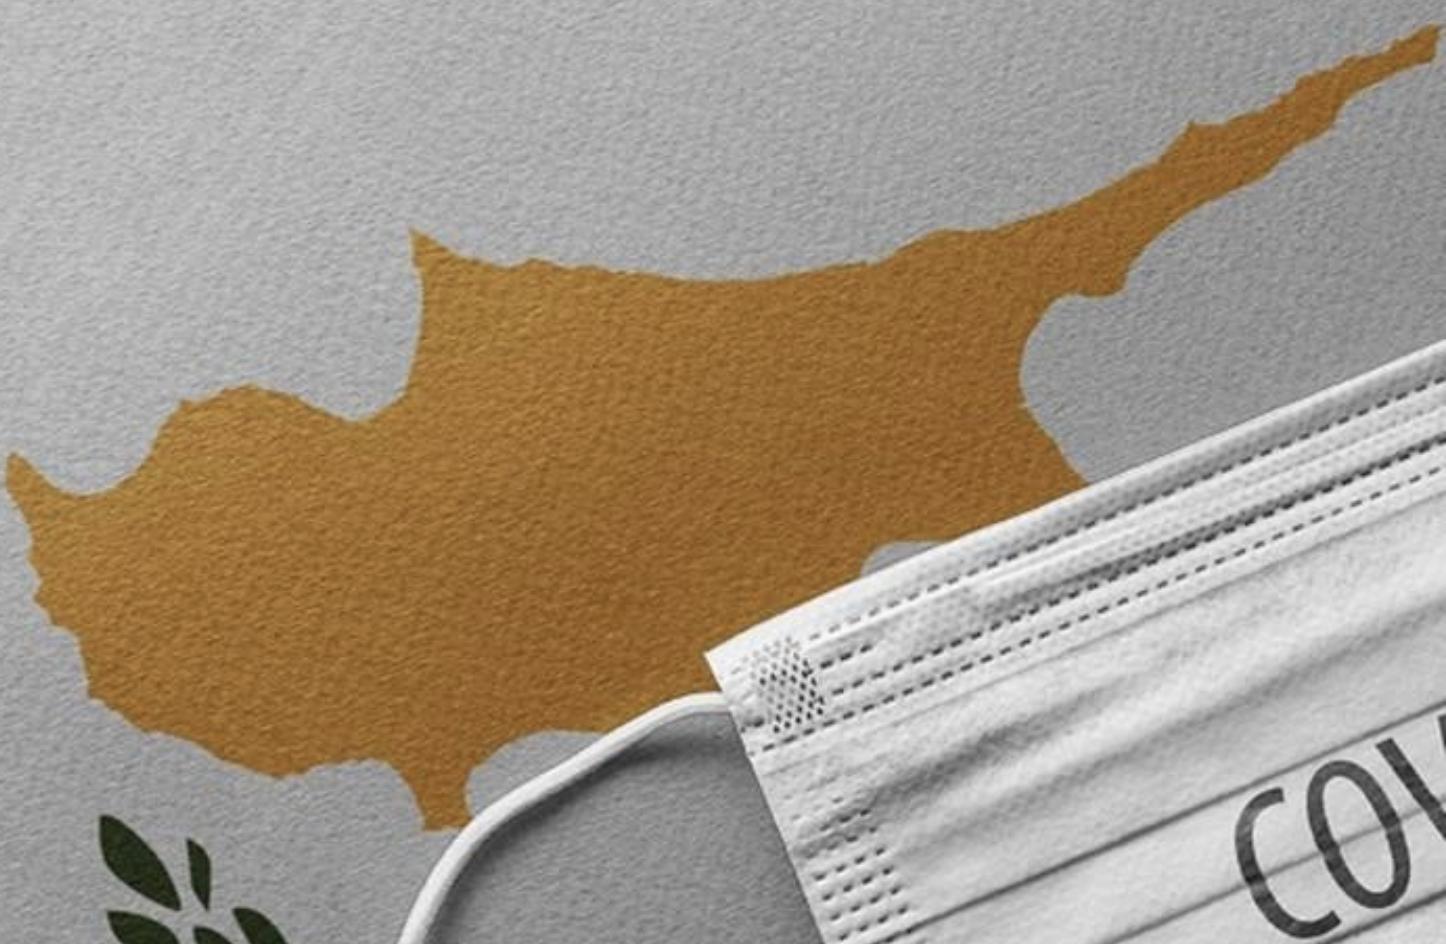 Κύπρος: Έντονη ανησυχία προκαλεί η αύξηση κρουσμάτων στο Υπουργείο Υγείας